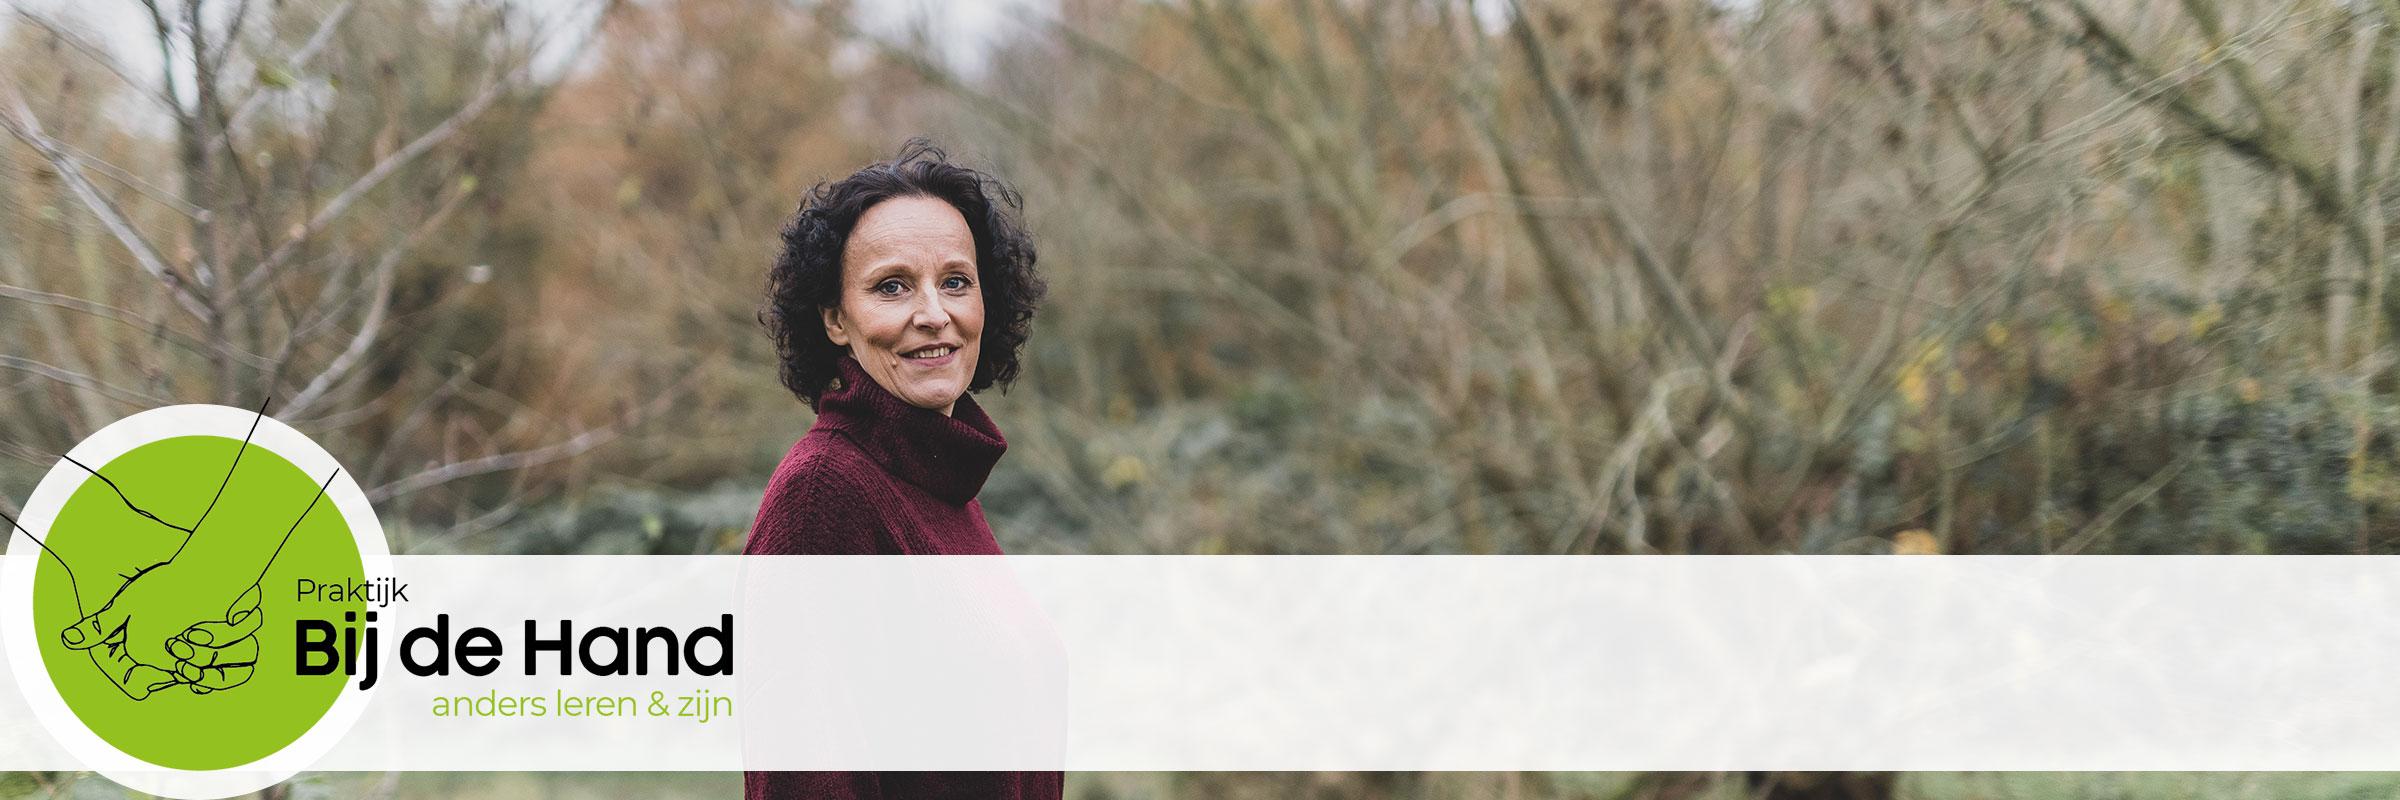 Header-Praktijk-Bij-de-Hand-Nathalie-Godart-Referenties